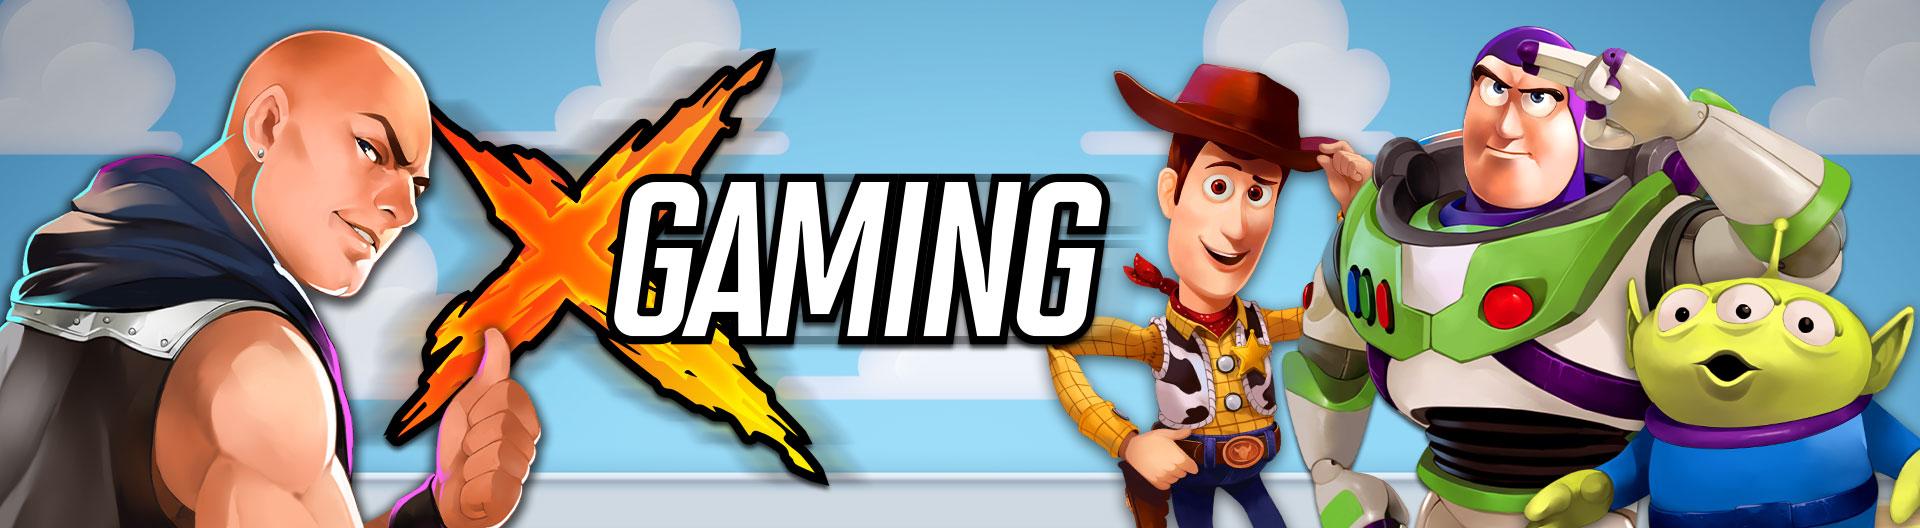 X Gaming Pc